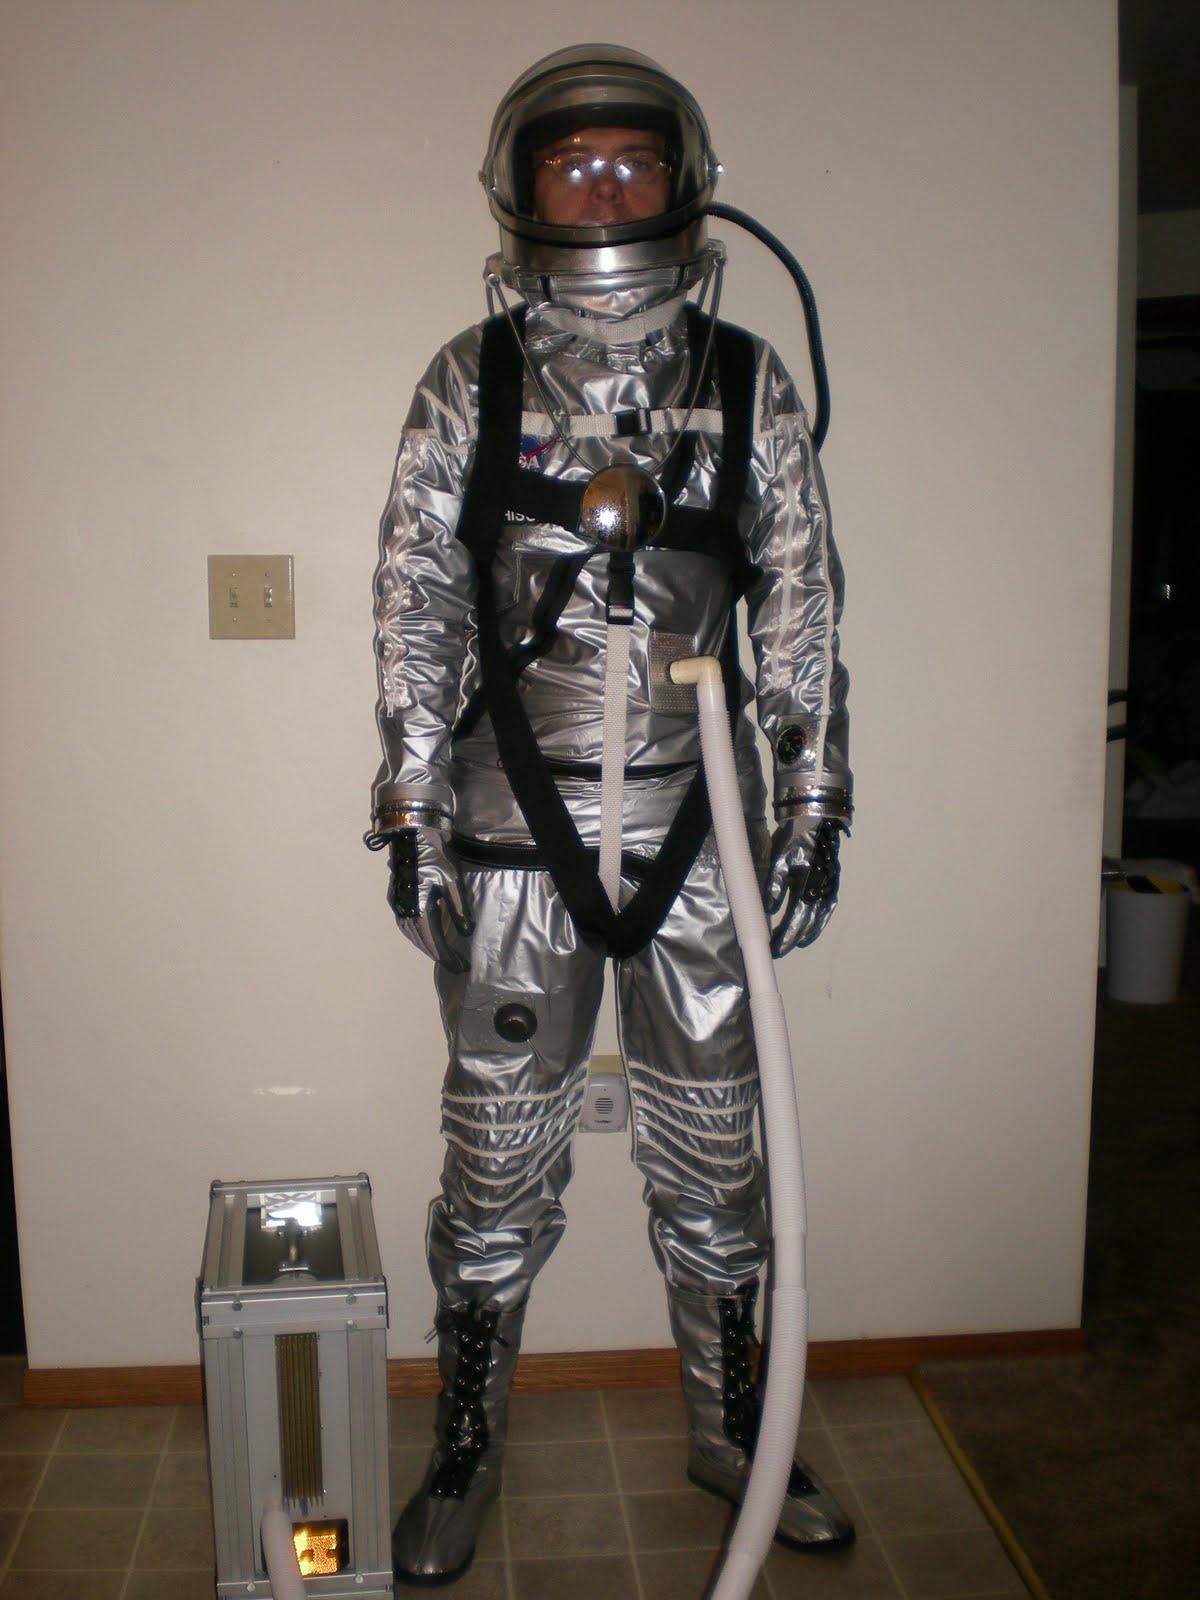 Mercury Capsule Mercury Space Suit